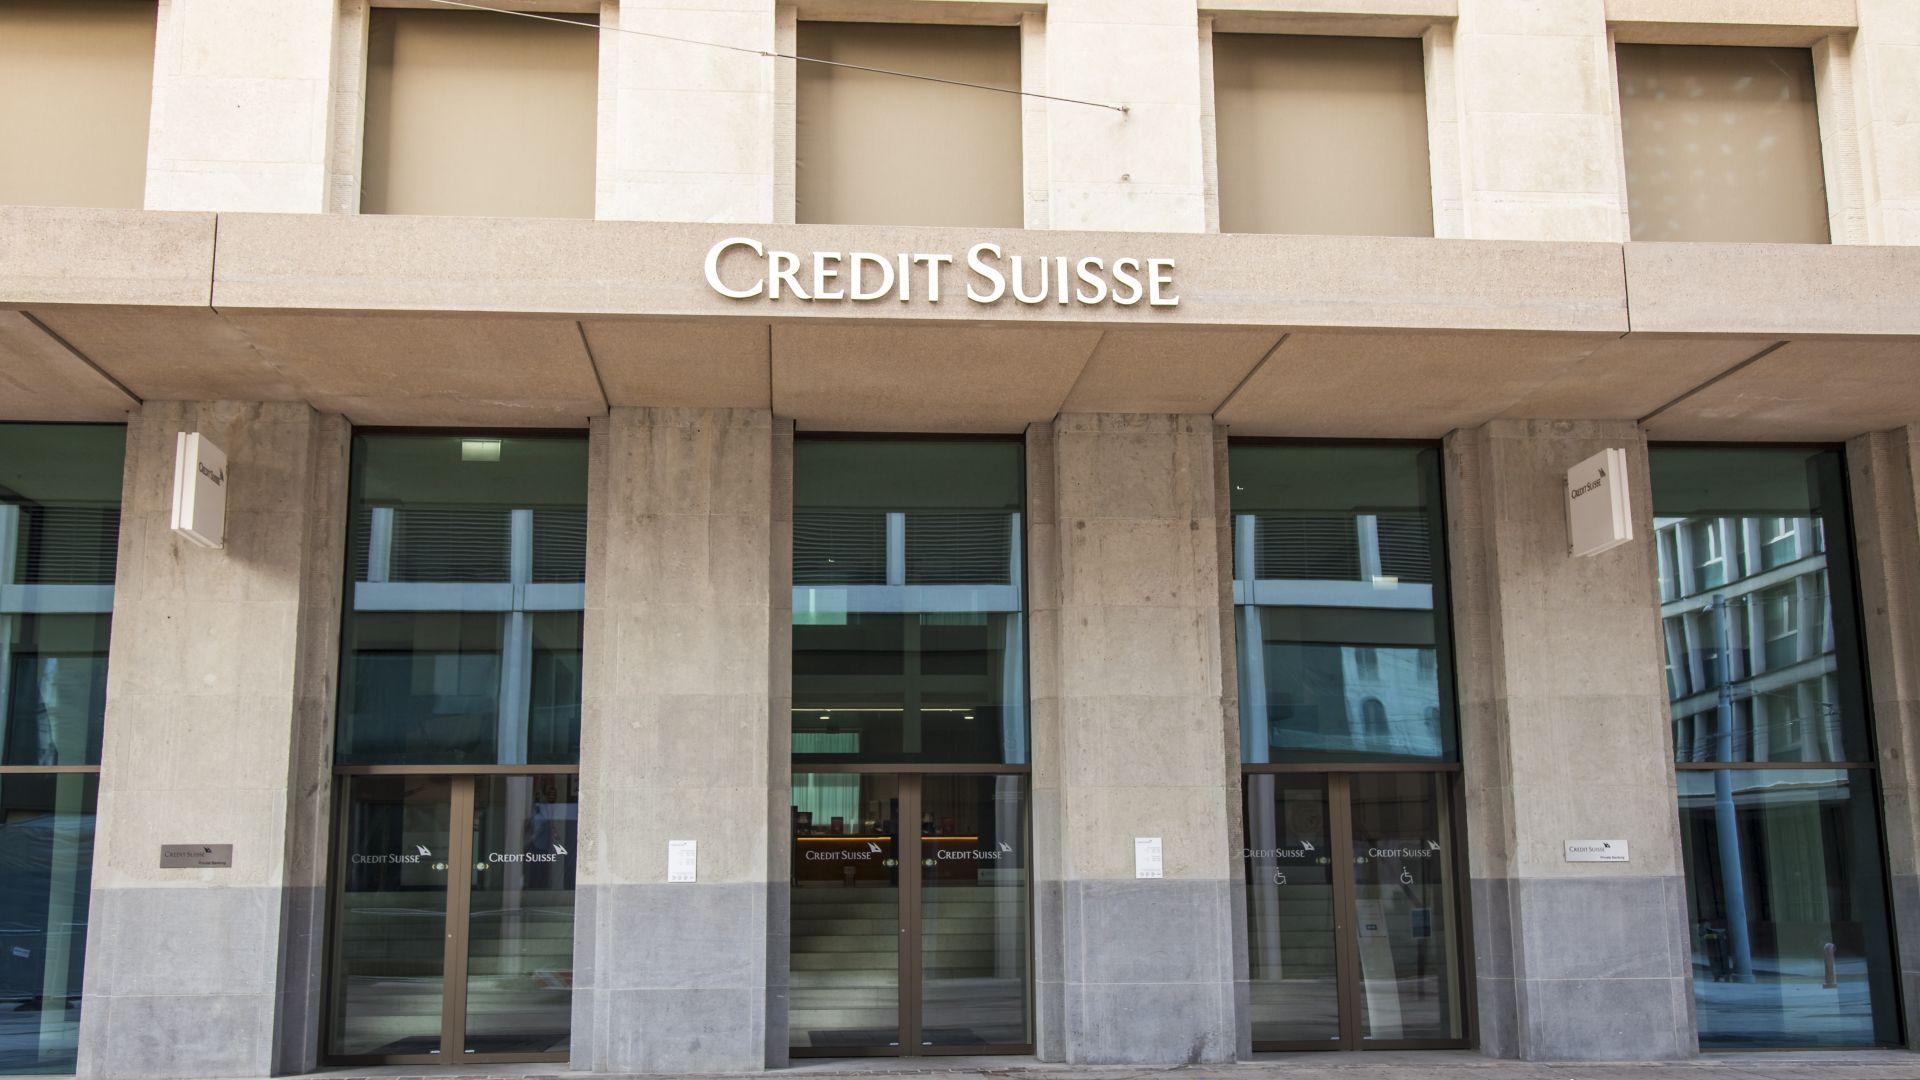 Швейцарският регулатор разследва Credit Suisse заради шпионския скандал